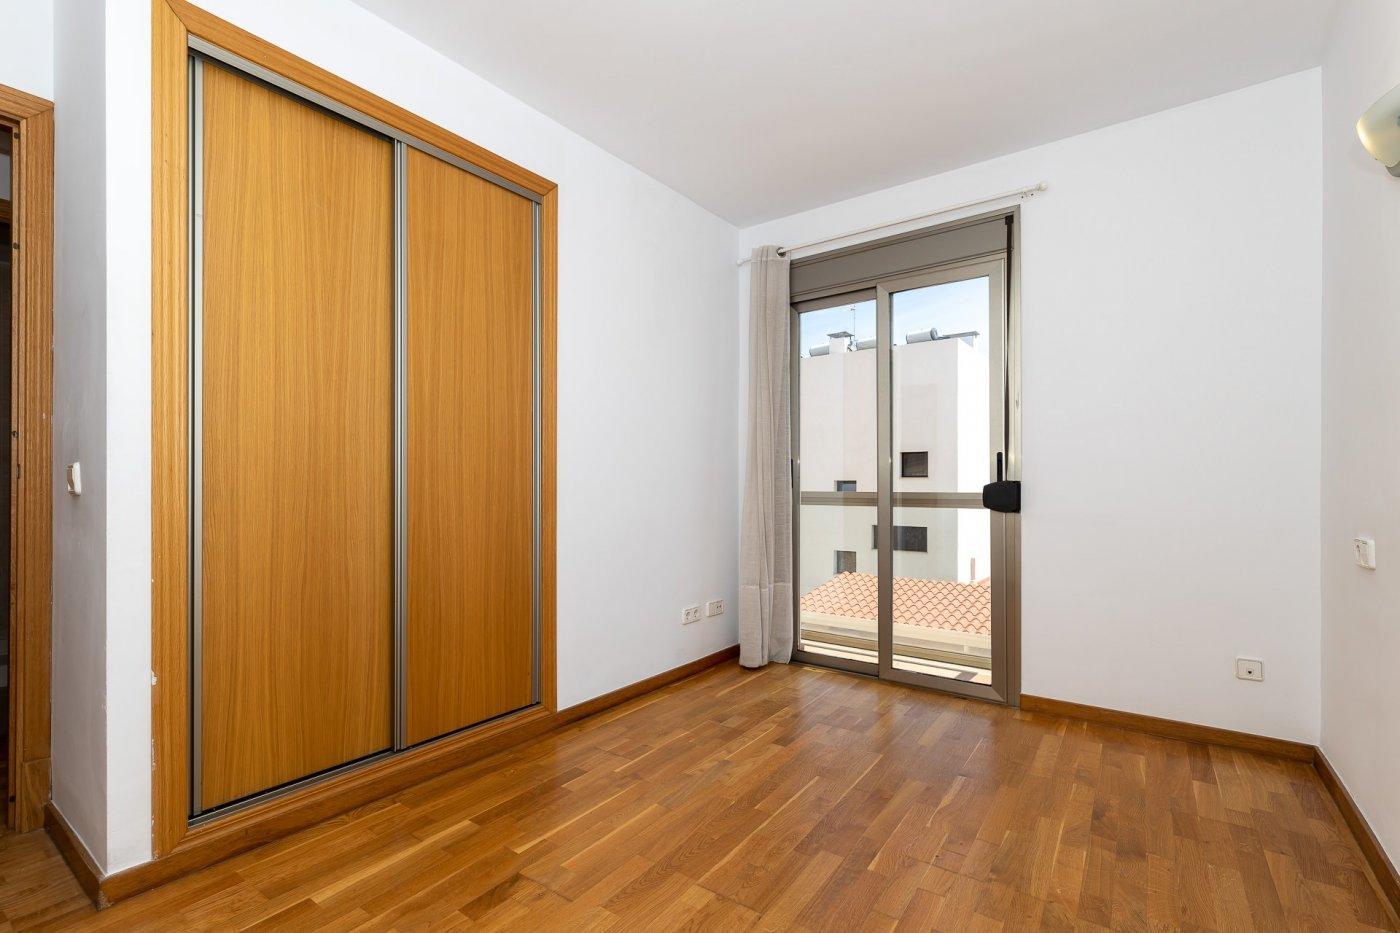 Piso de 3 habitaciones en son cotoner, palma - imagenInmueble5